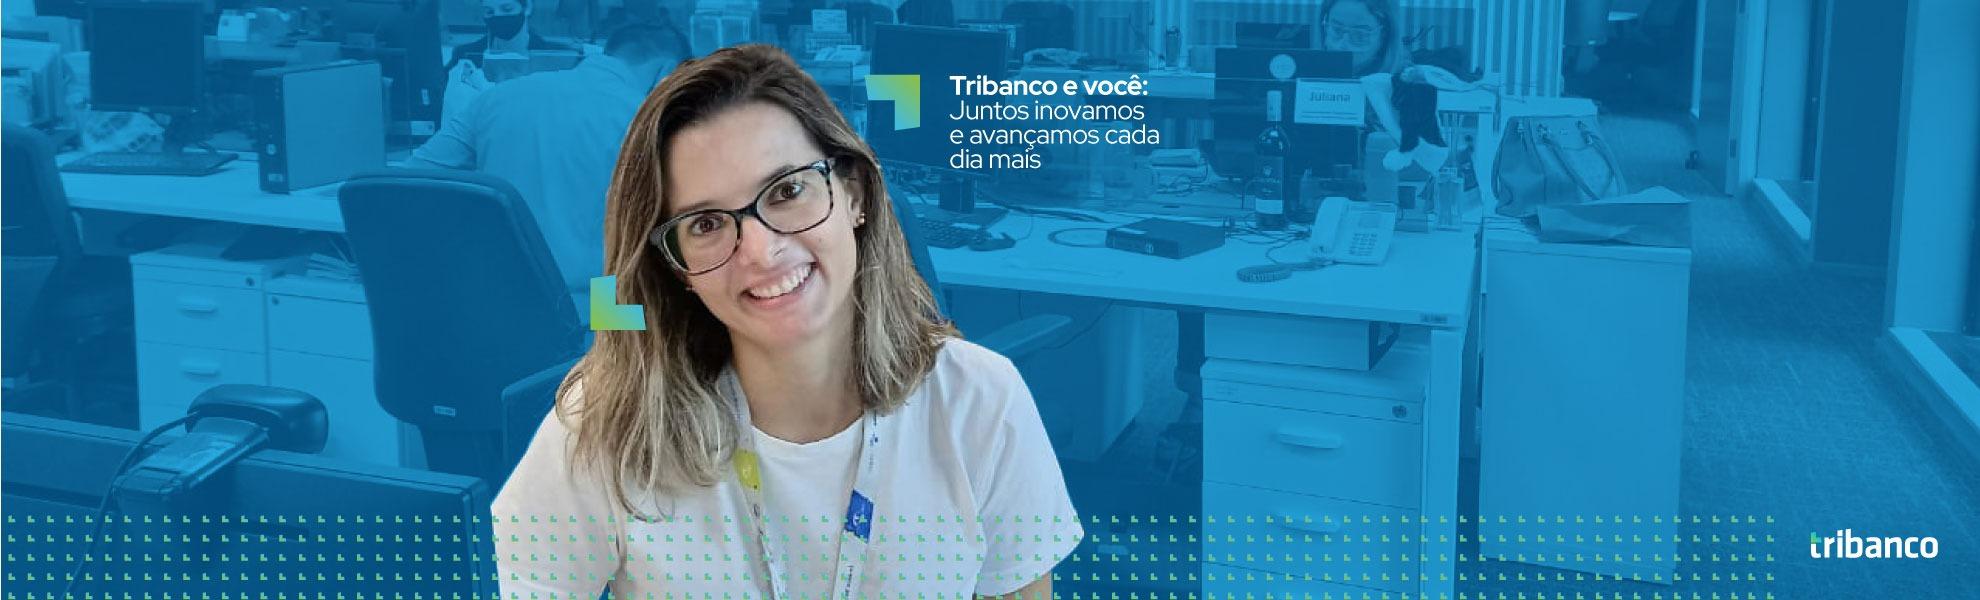 Especialista em Modelagem de Crédito - São Paulo/SP